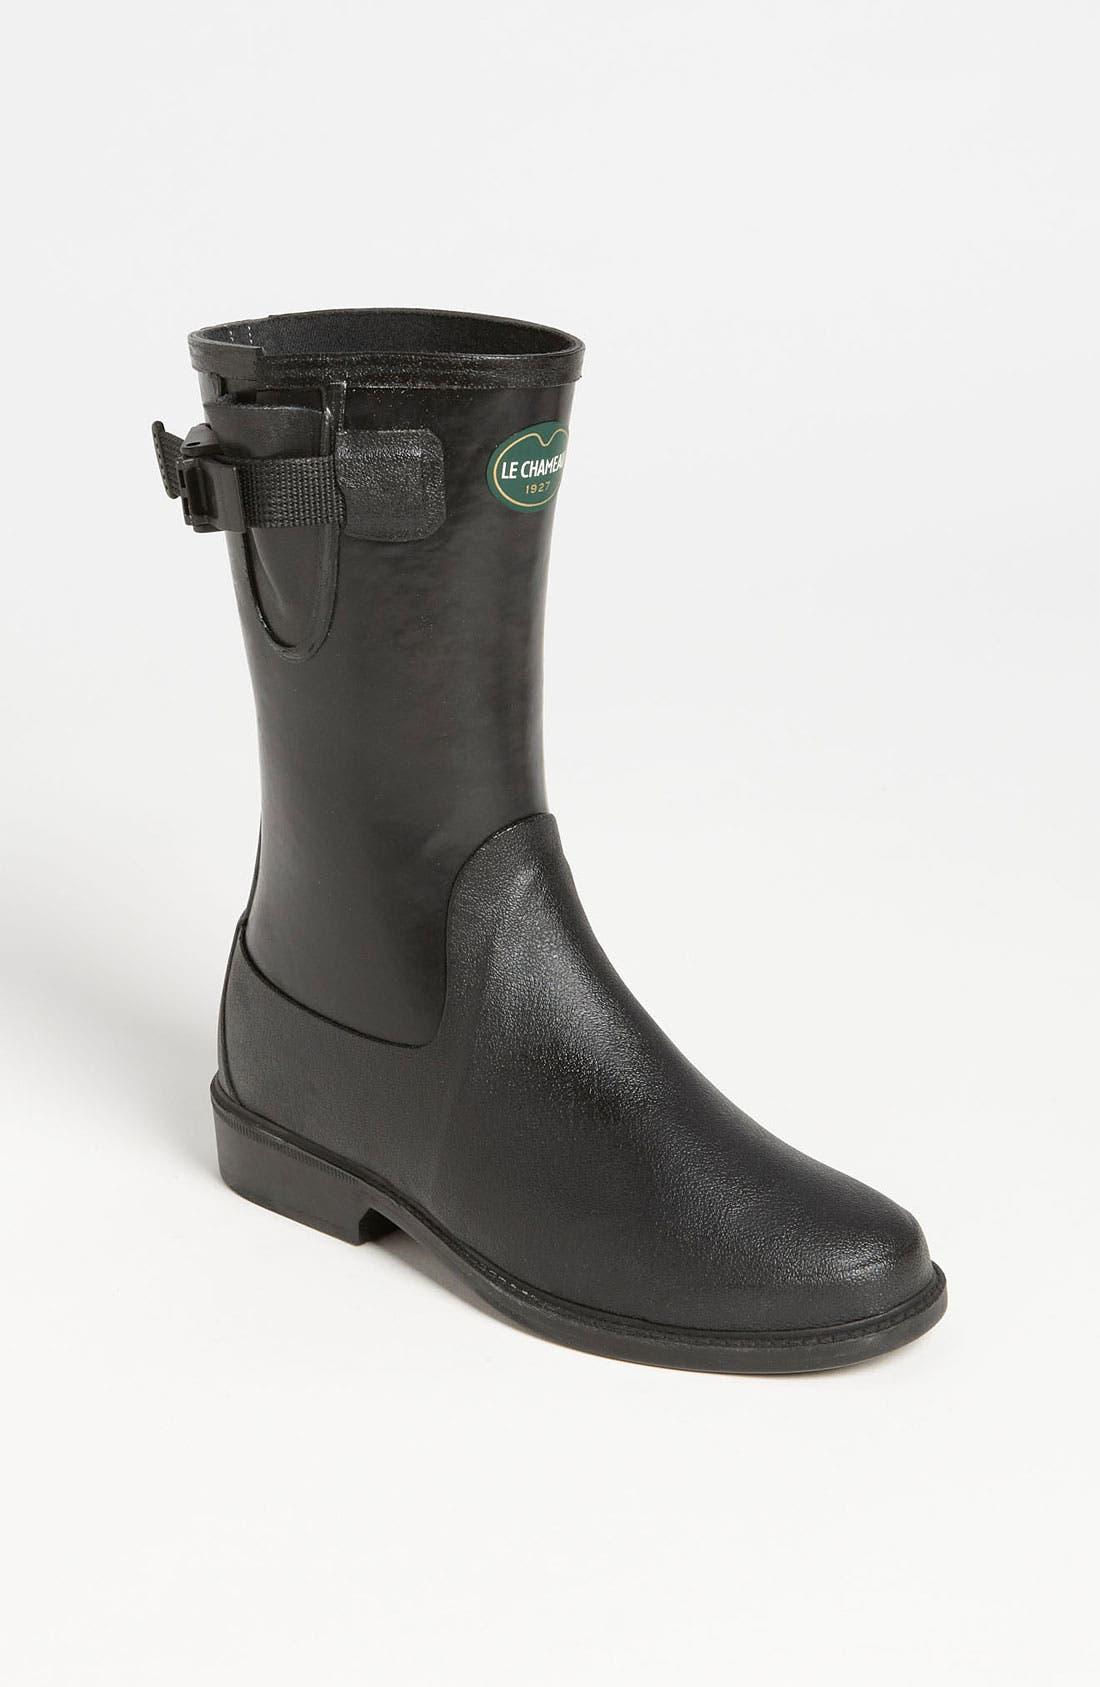 Main Image - Le Chameau 'Cavaliere Low' Rain Boot (Women)